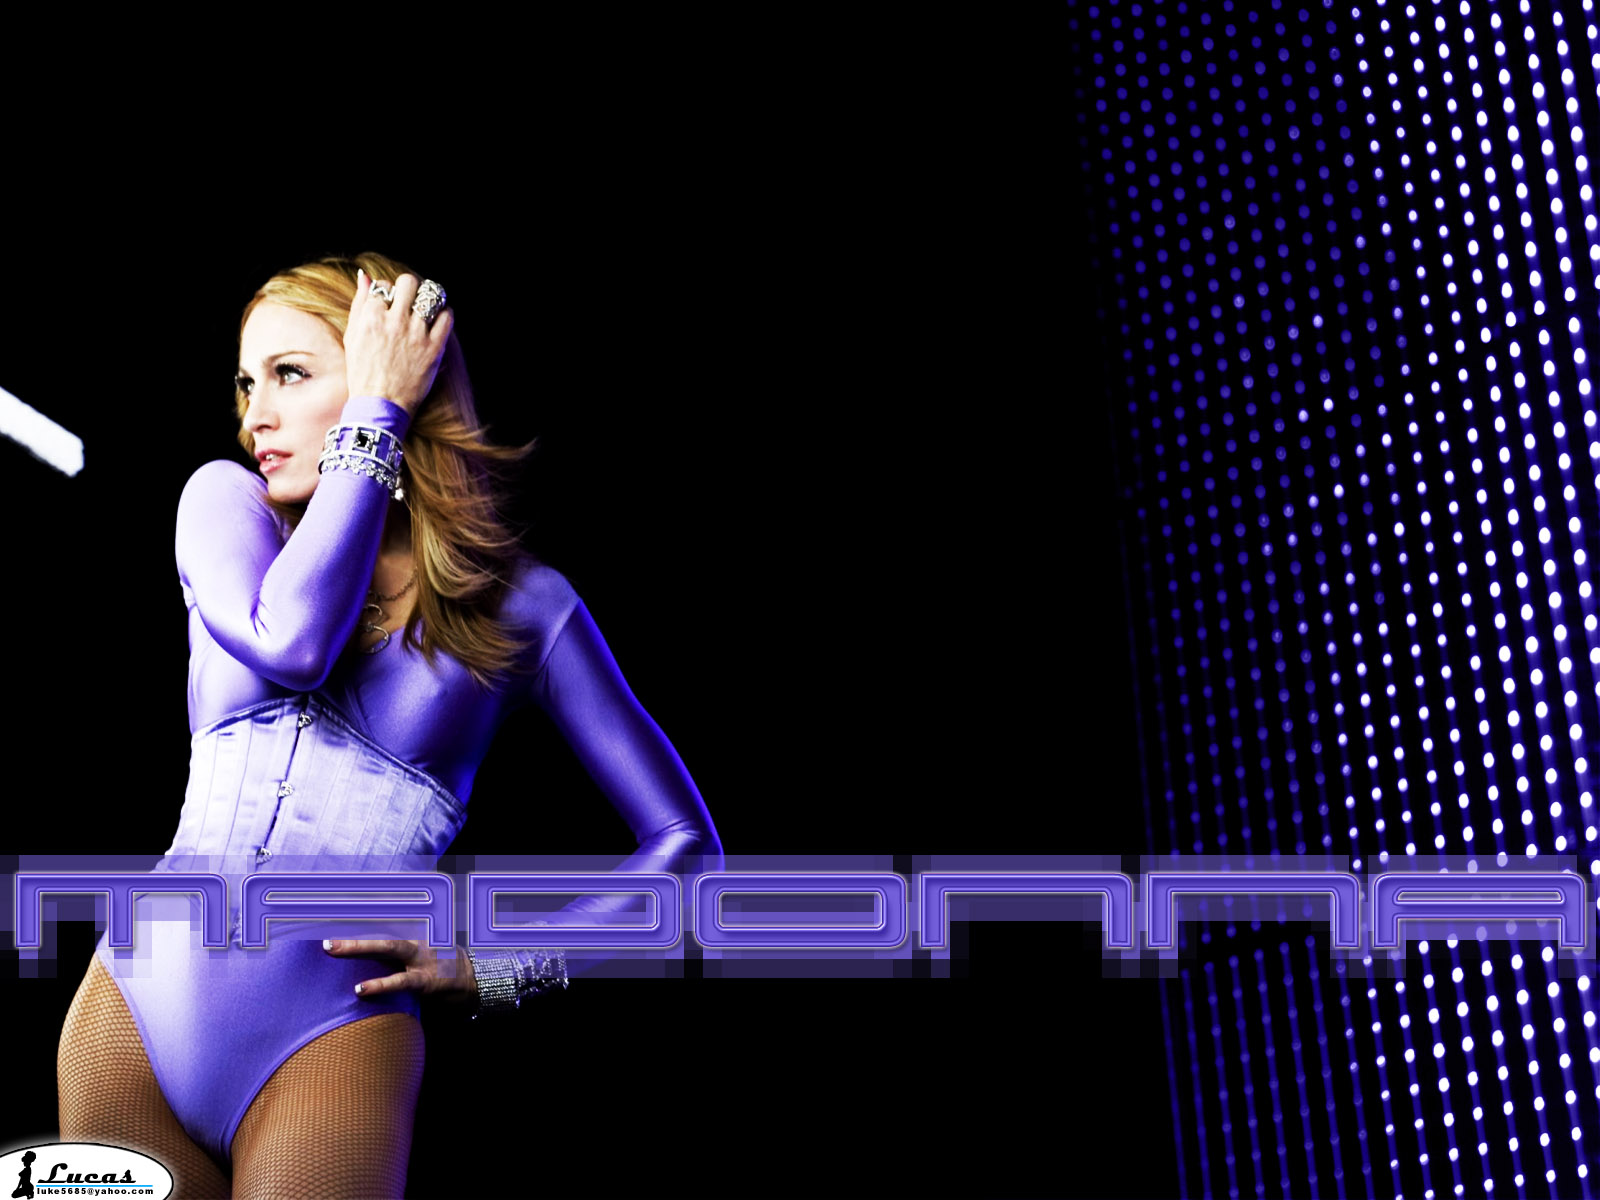 http://images.fanpop.com/images/image_uploads/Madonna-madonna-73982_1600_1200.jpg